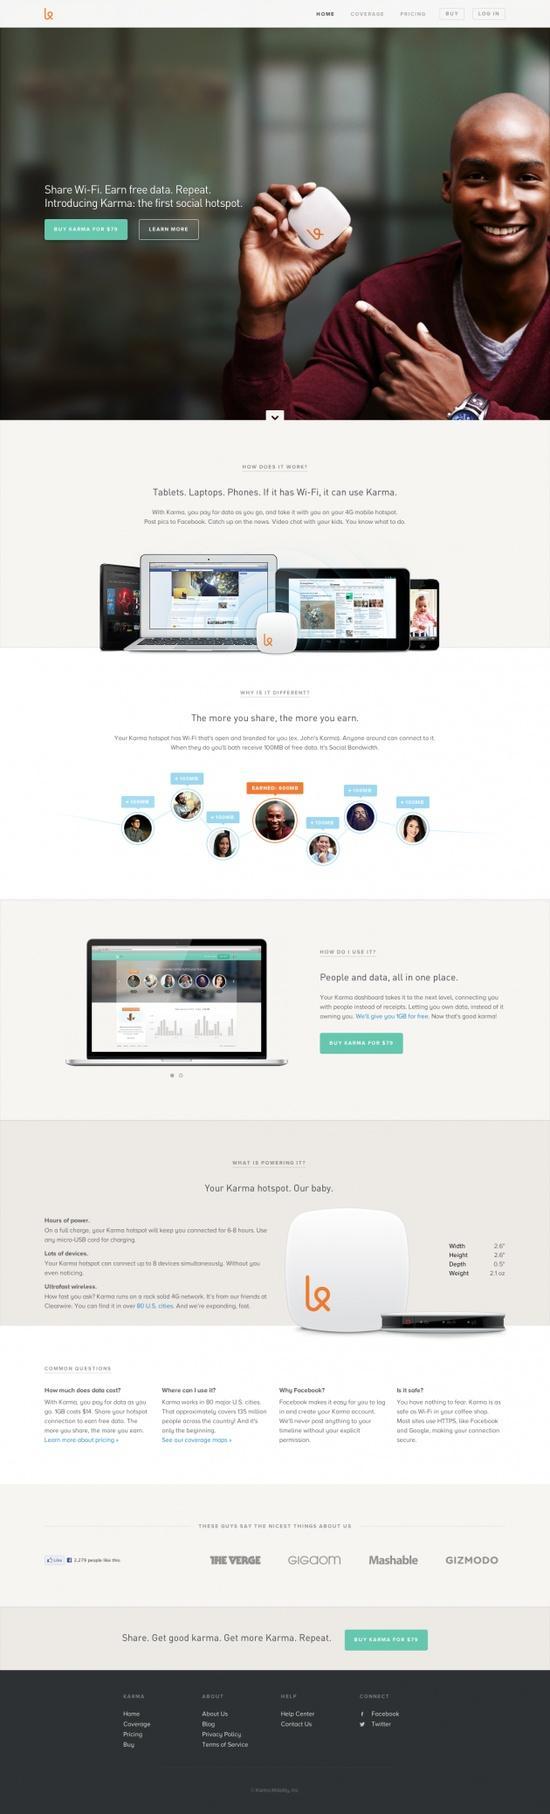 Design // Awesome Websites & UI